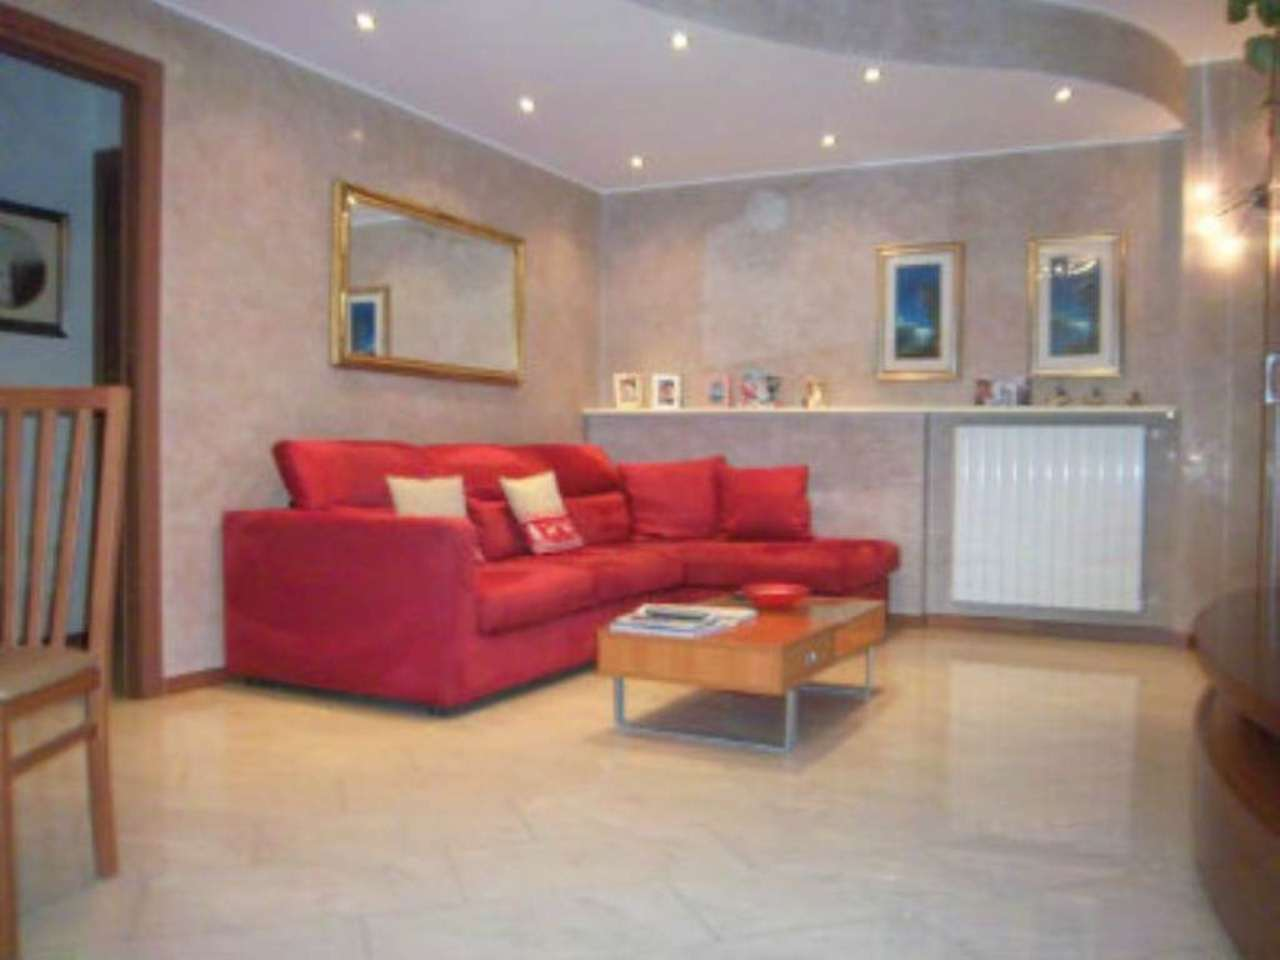 Appartamento in vendita a Cassina de' Pecchi, 3 locali, prezzo € 238.000 | CambioCasa.it